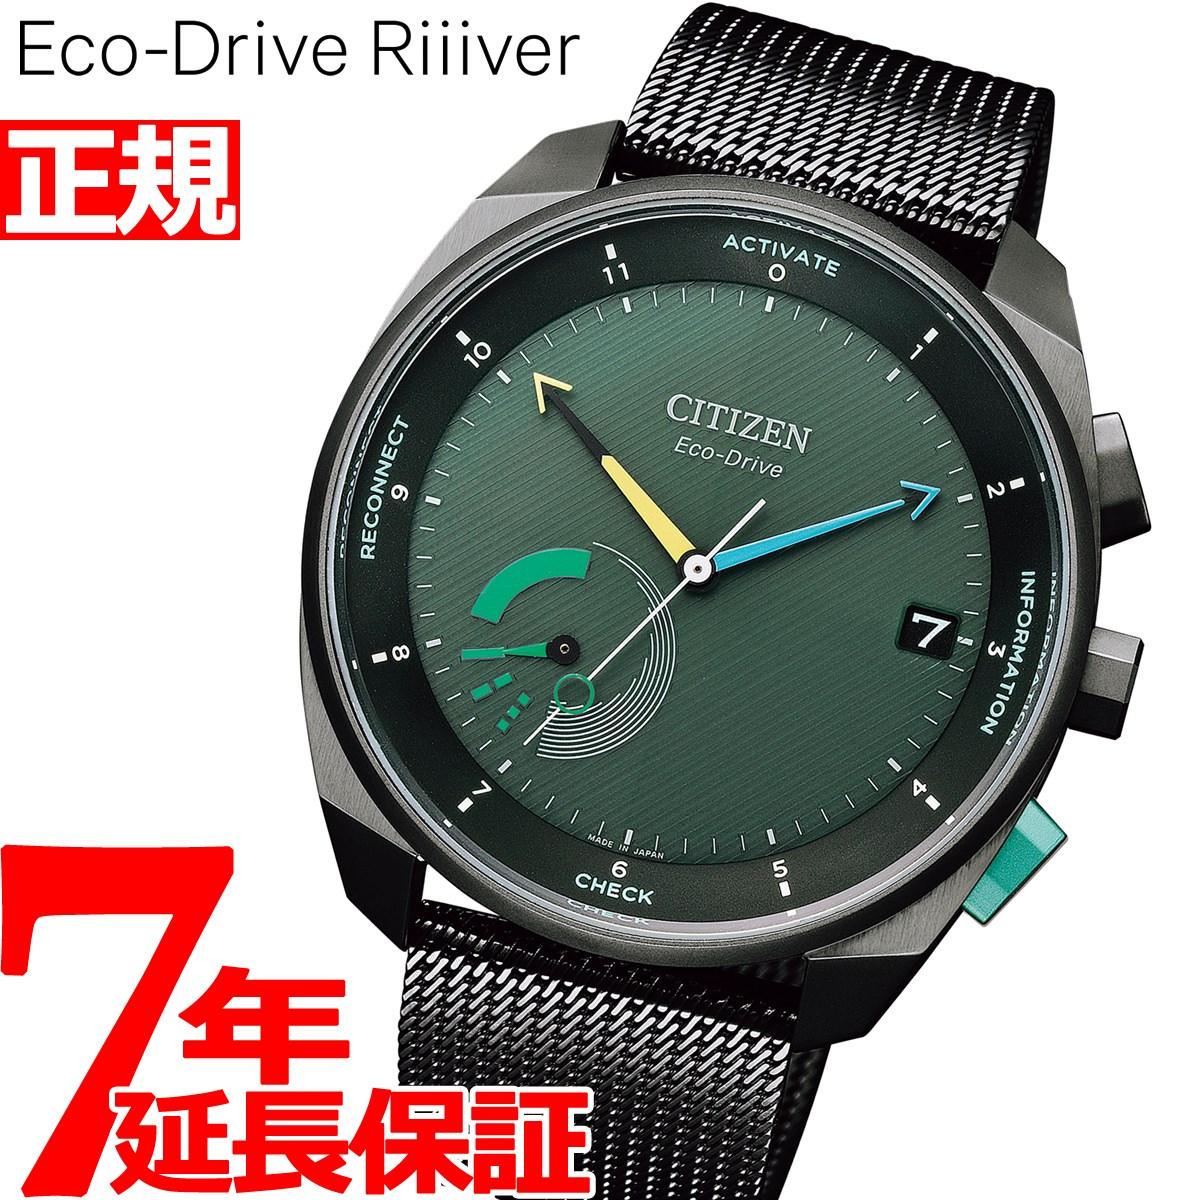 【本日限定!店内ポイント最大60倍&2000円OFFクーポン!10日23時59分まで】エコ・ドライブ リィィバー Eco-Drive Riiiver 特定店取扱いモデル スマートウオッチ 腕時計 メンズ CITIZEN BZ7005-74X